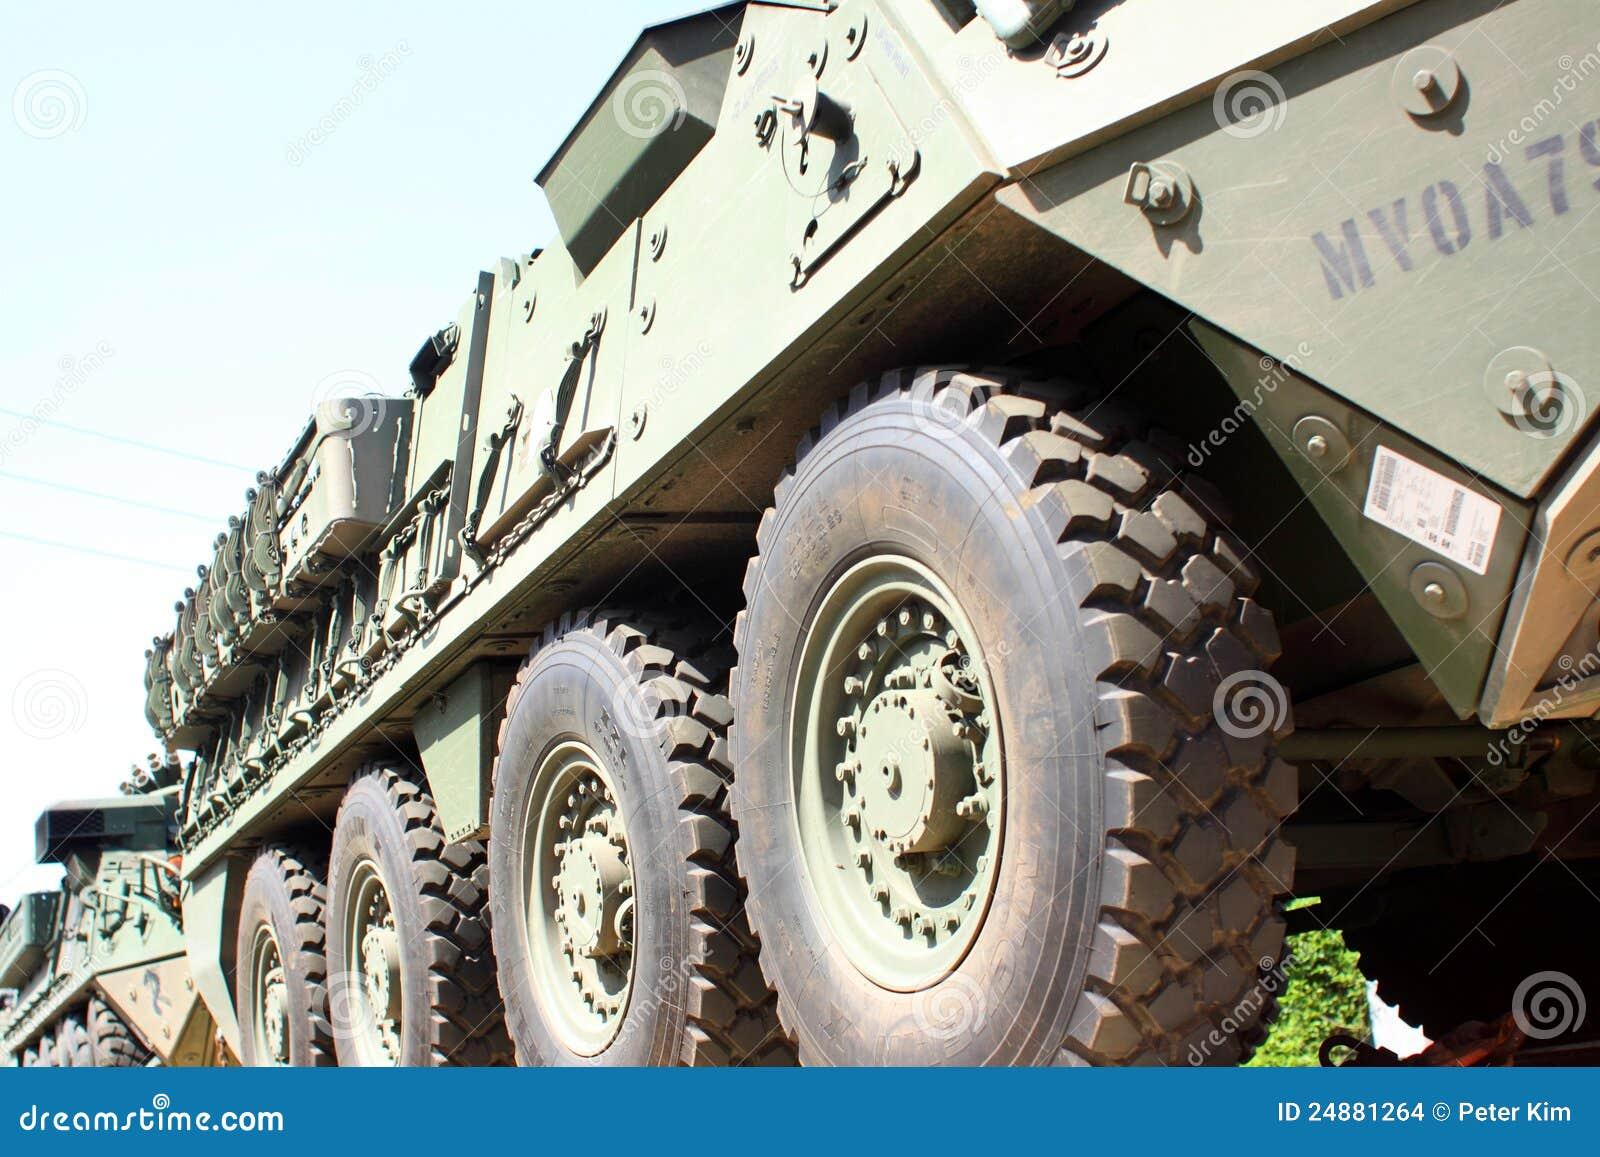 Convoi de chemin de fer de véhicules militaires.